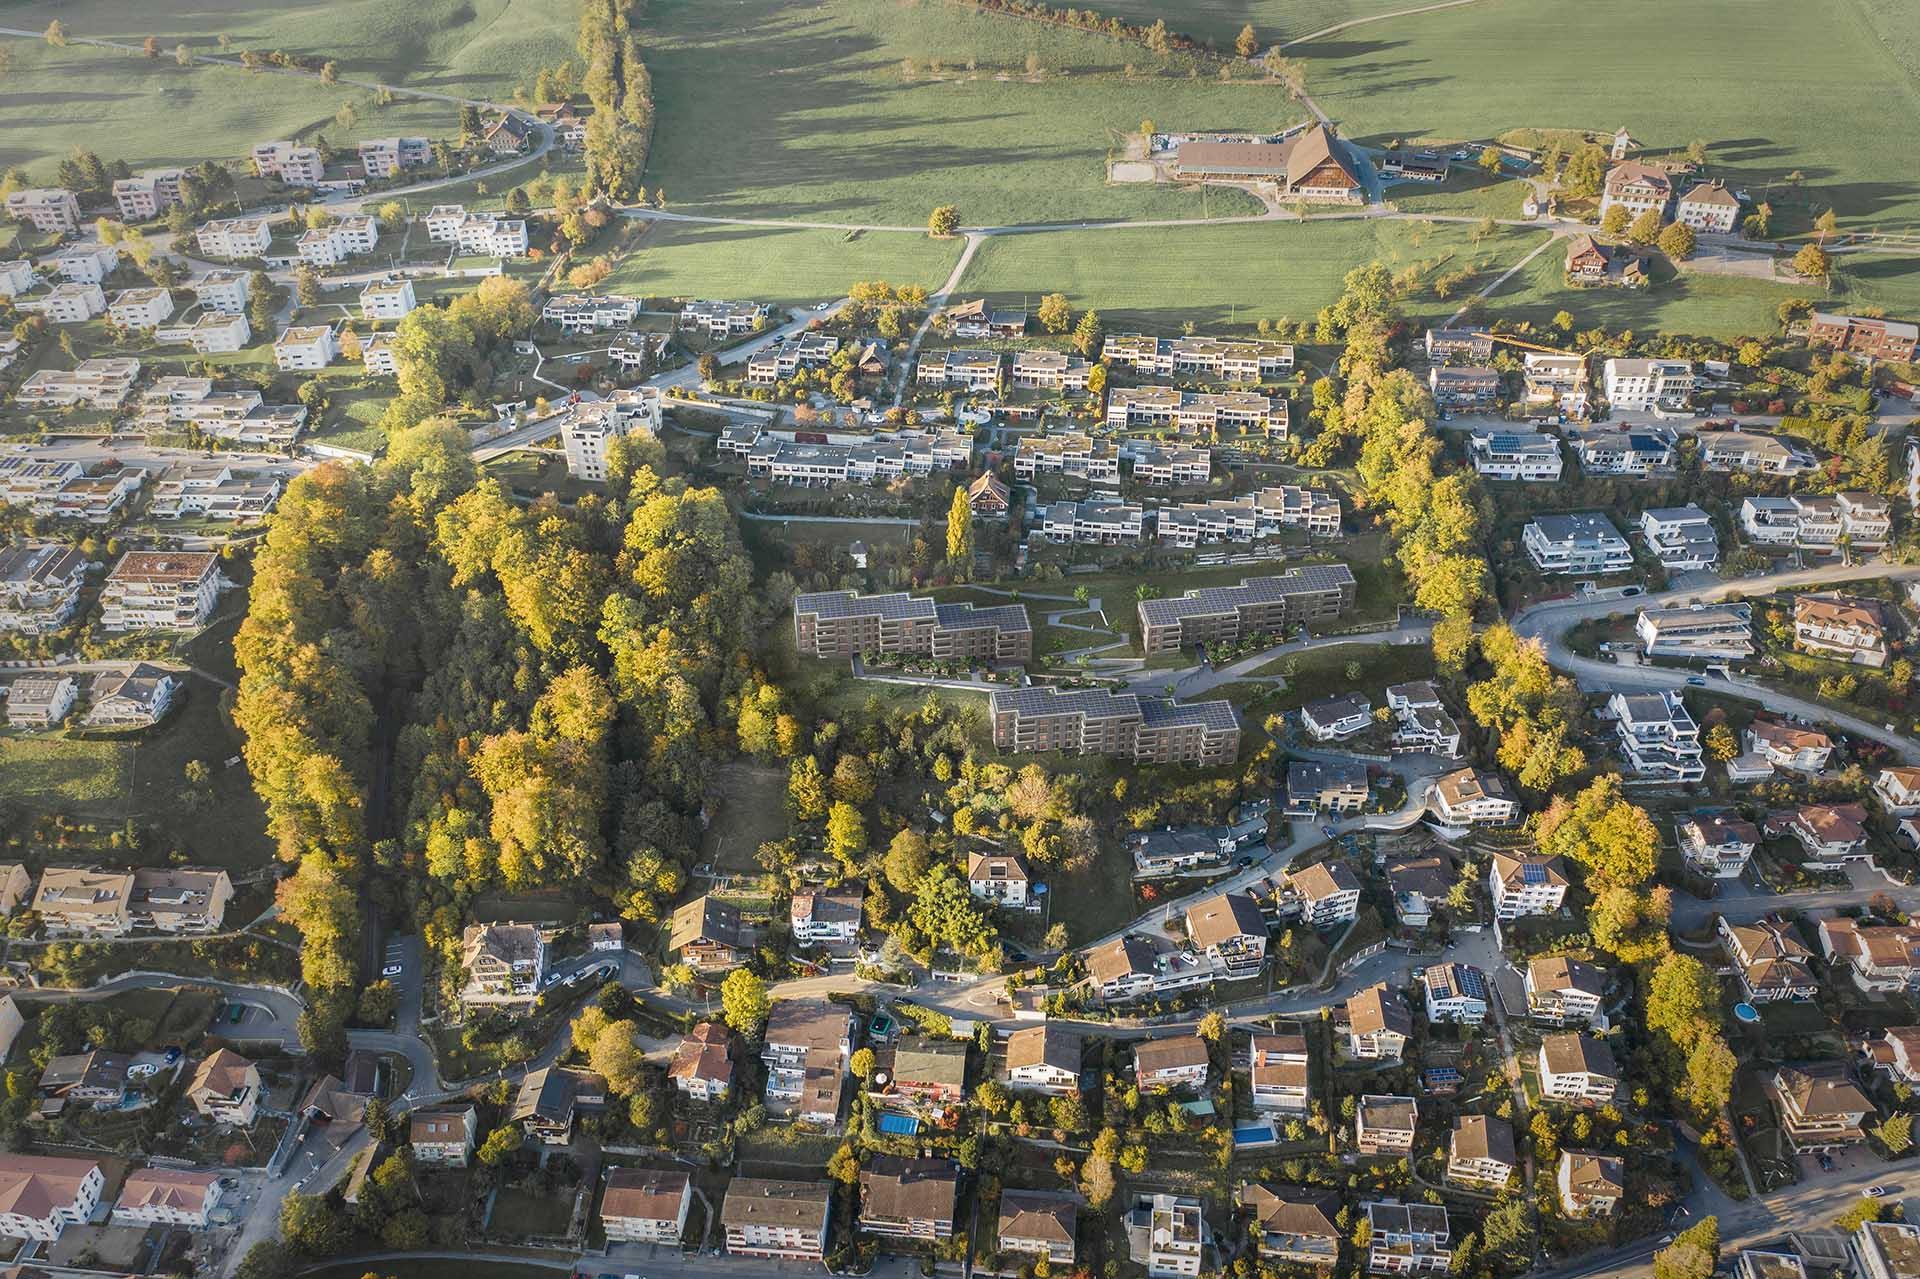 buan architekten - Projektwettbewerb Weinhalde Kriens - Vogelperspektive